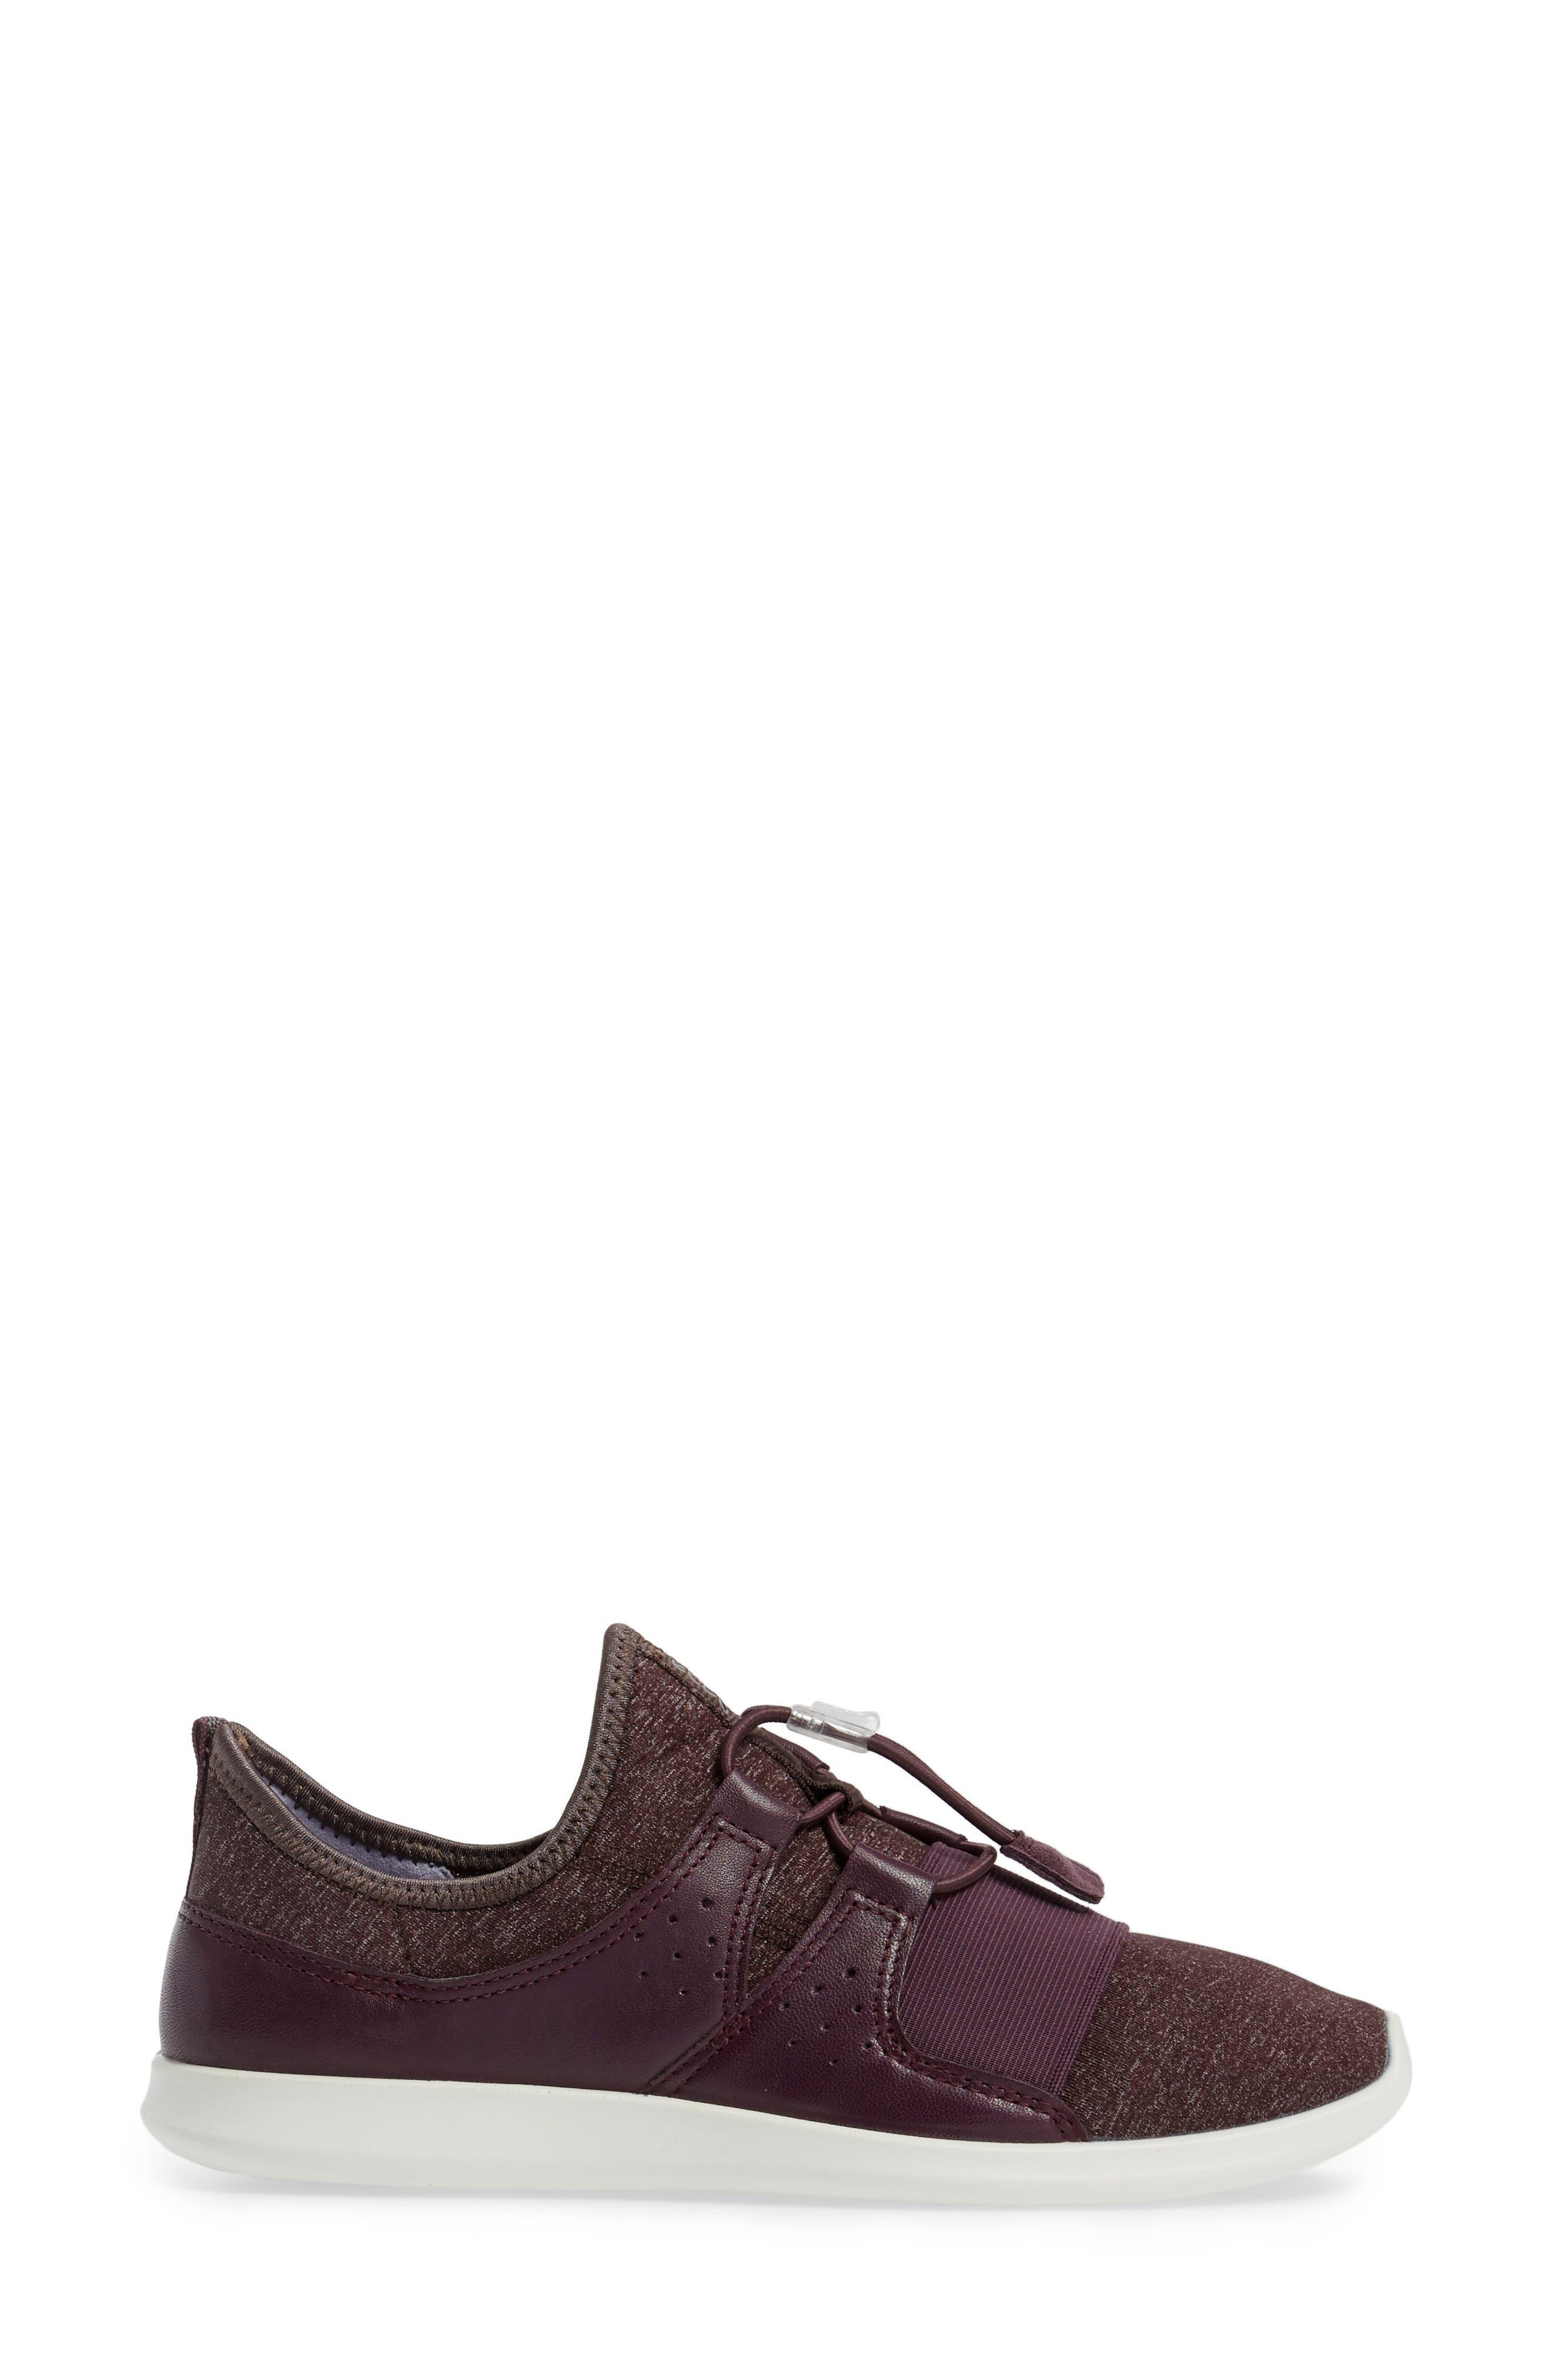 Sense Toggle Sneaker,                             Alternate thumbnail 3, color,                             Mauve Leather